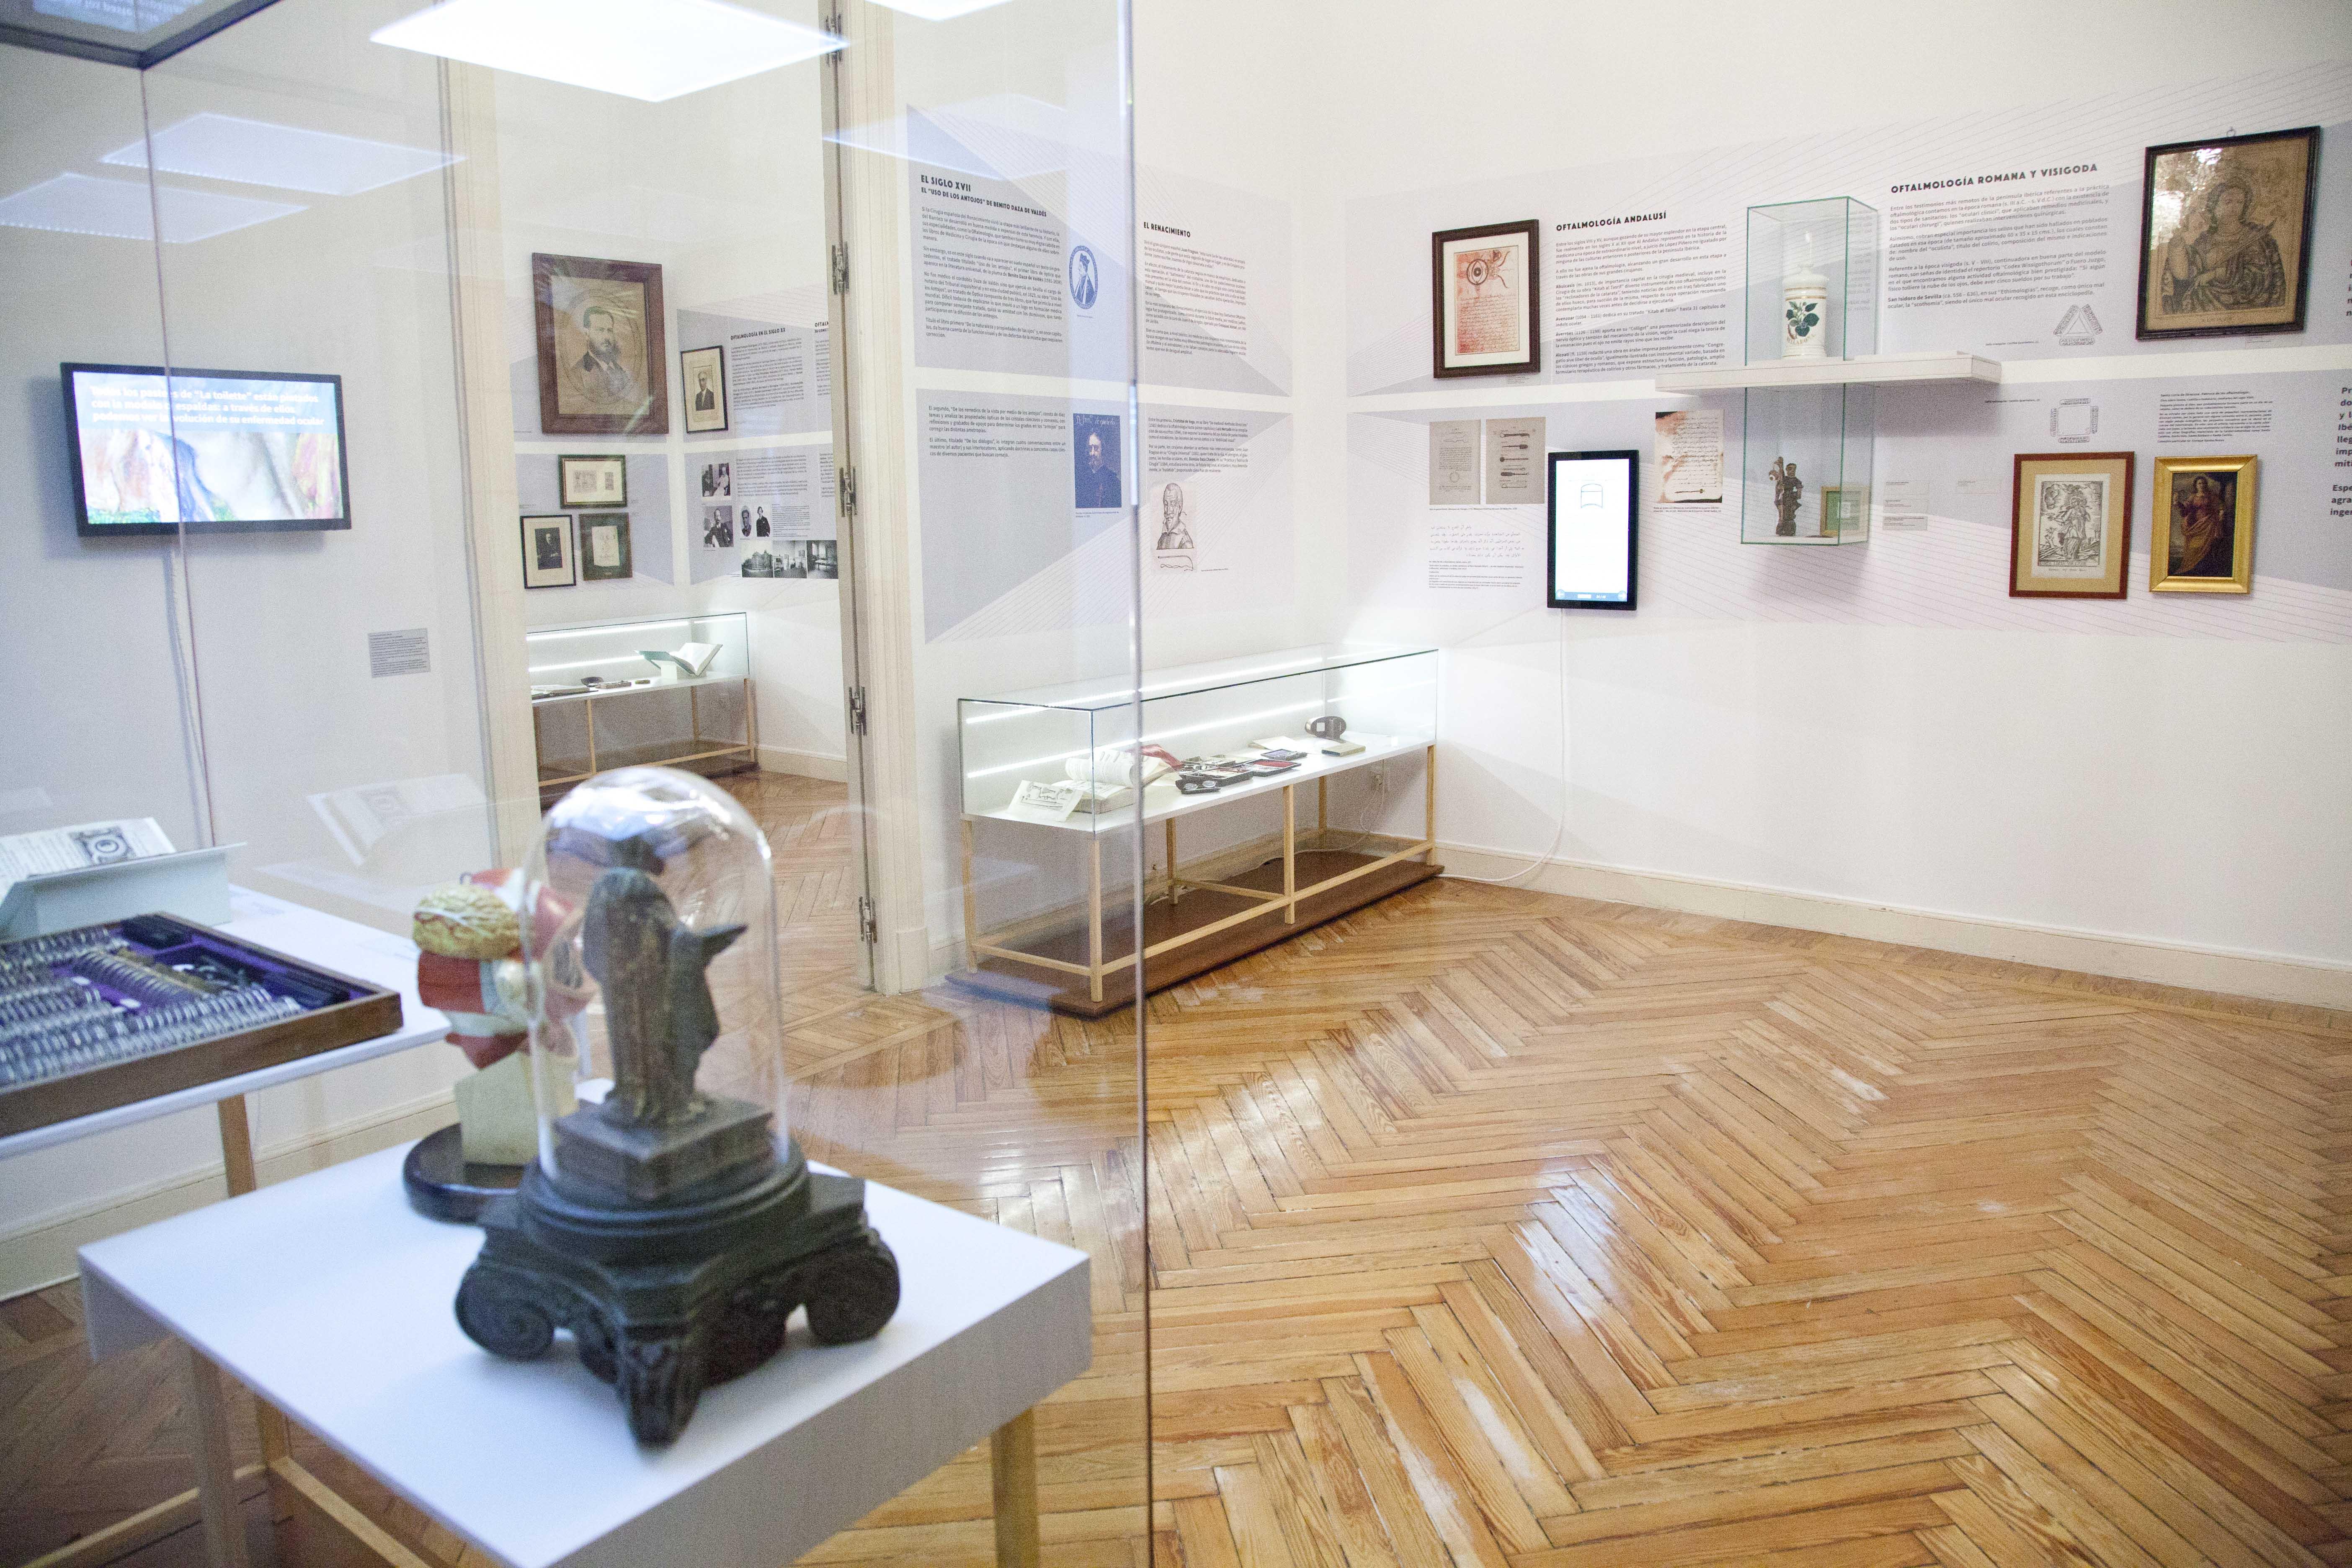 Sala de exposición con el montaje de la exposición Siglos cuidando tus ojo.